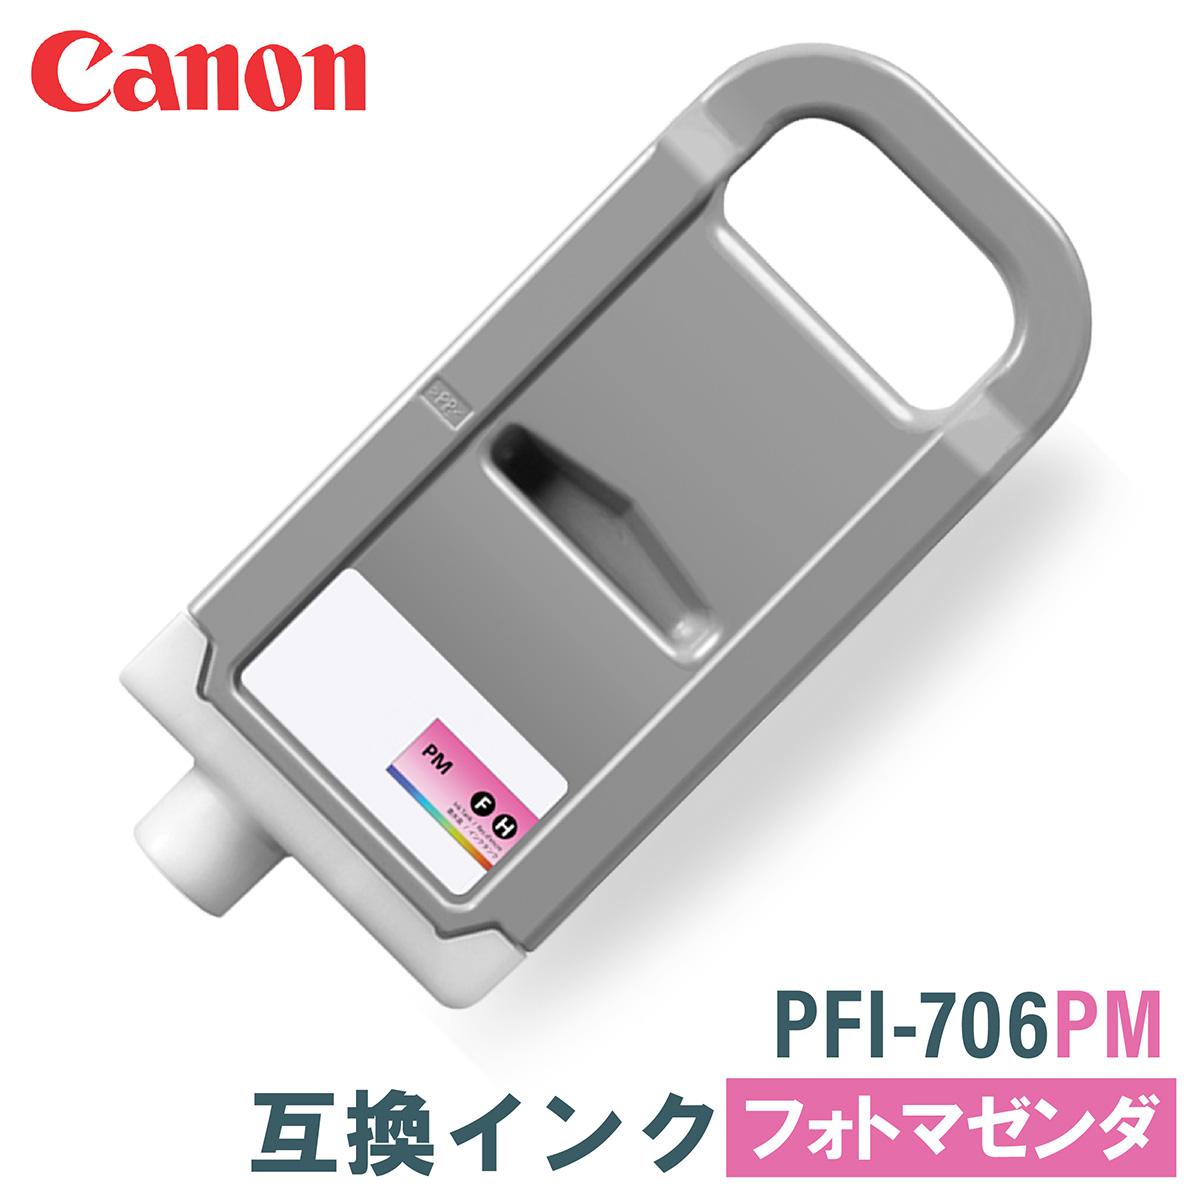 キヤノン 互換インク CANON PFI-706PM フォトマゼンダ 700ml